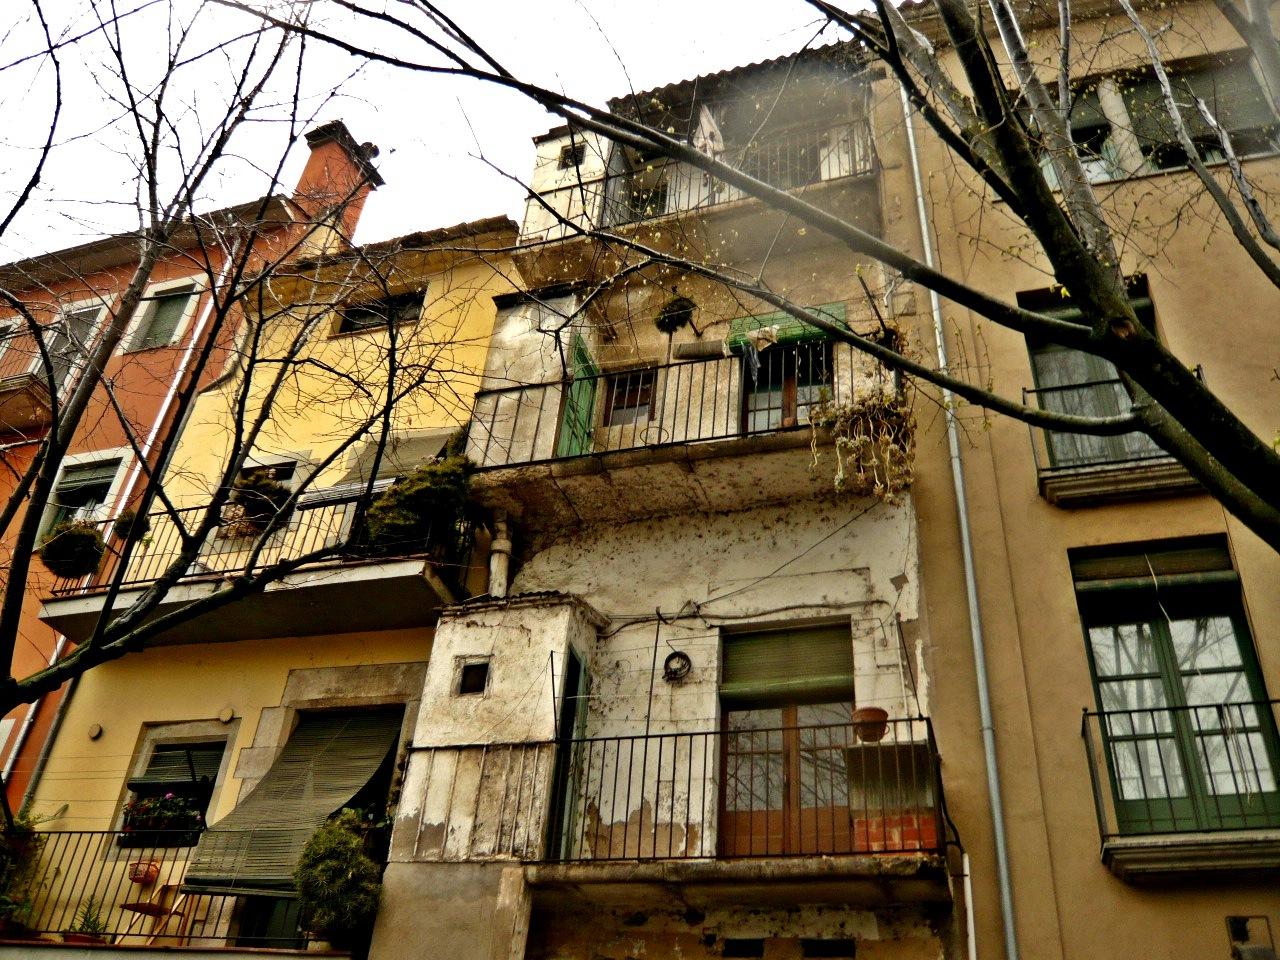 Les latrines del barri xino i altres llocs d'interès escatològic